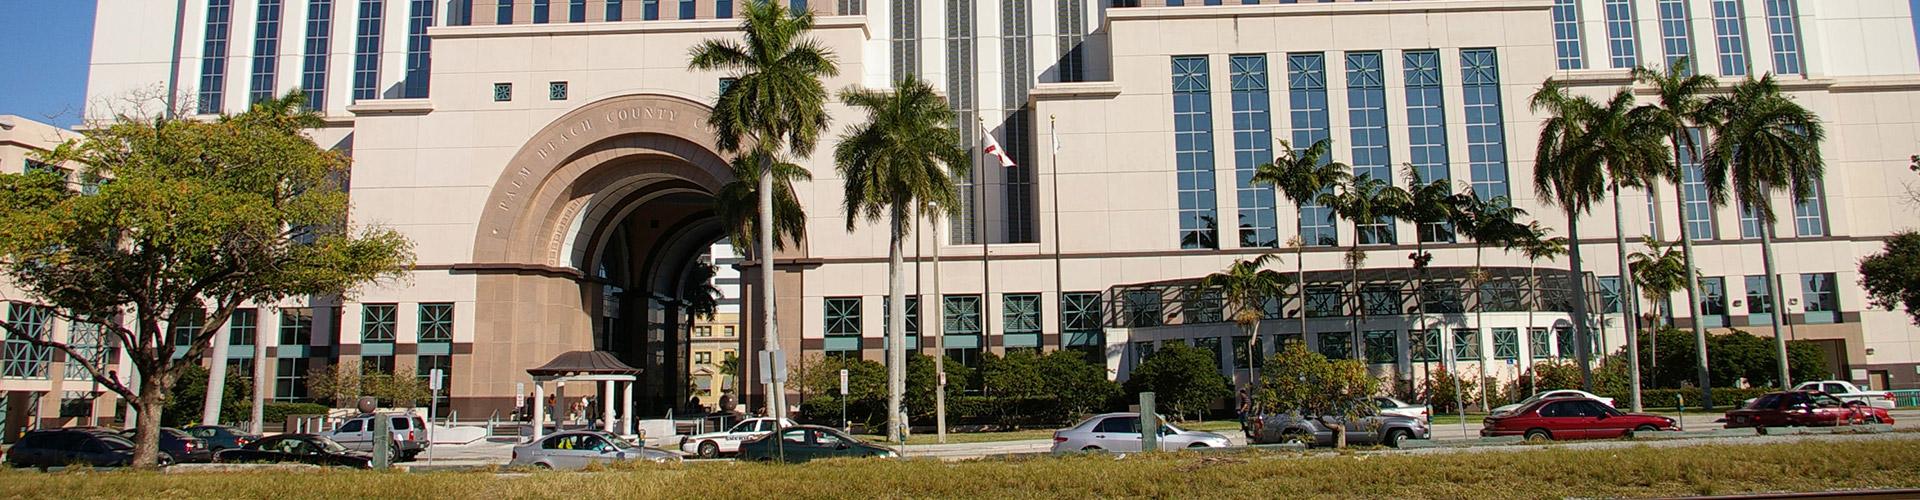 Haitian Divorce Attorney West Palm Beach Fl Byrnes